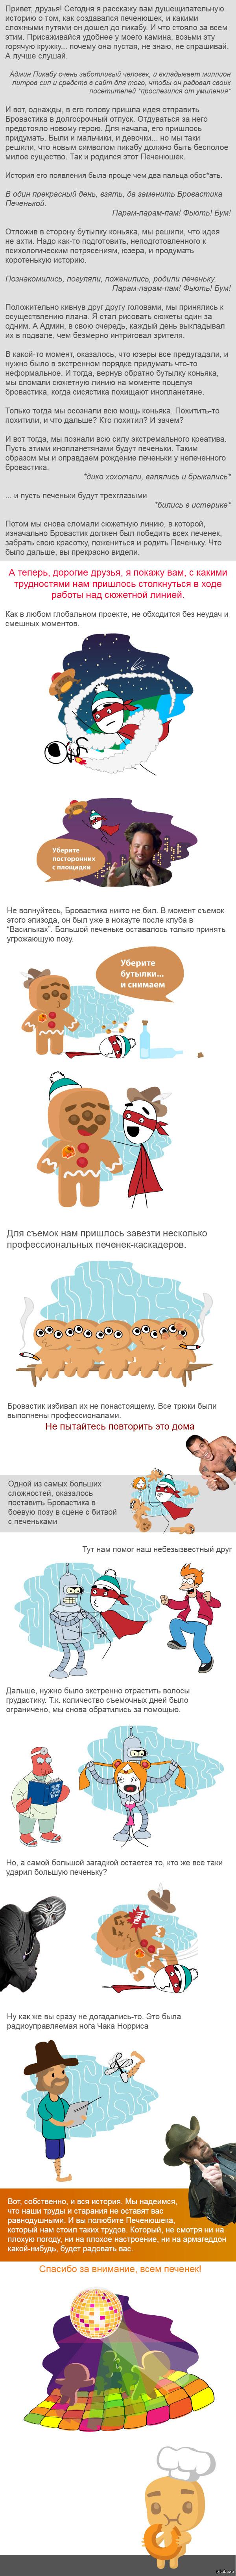 История об истории появления Печенюшки. Открываем все секреты Осторожно, длиннопост с картинками. И давайте закончим на этом :)